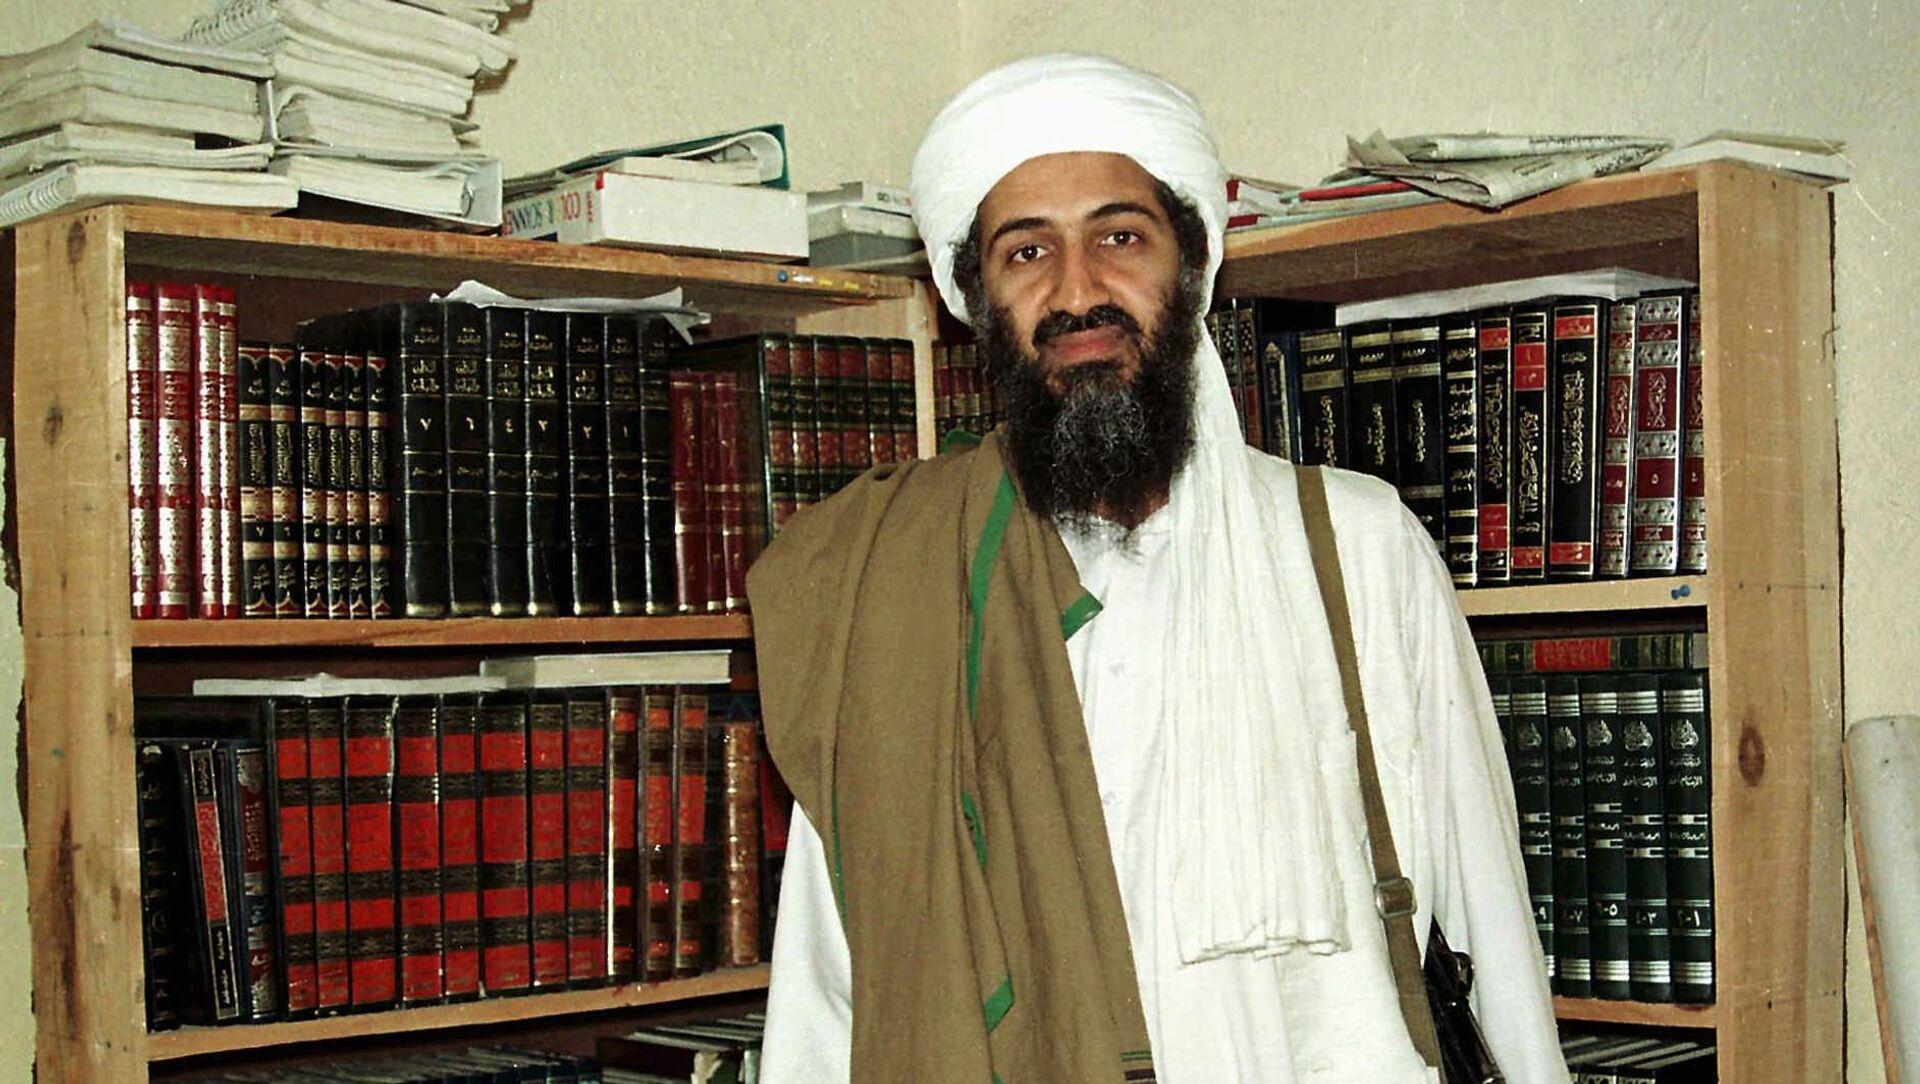 Al Qaida leader Osama bin Laden is seen in Afghanistan. (File) - Sputnik Mundo, 1920, 08.09.2020